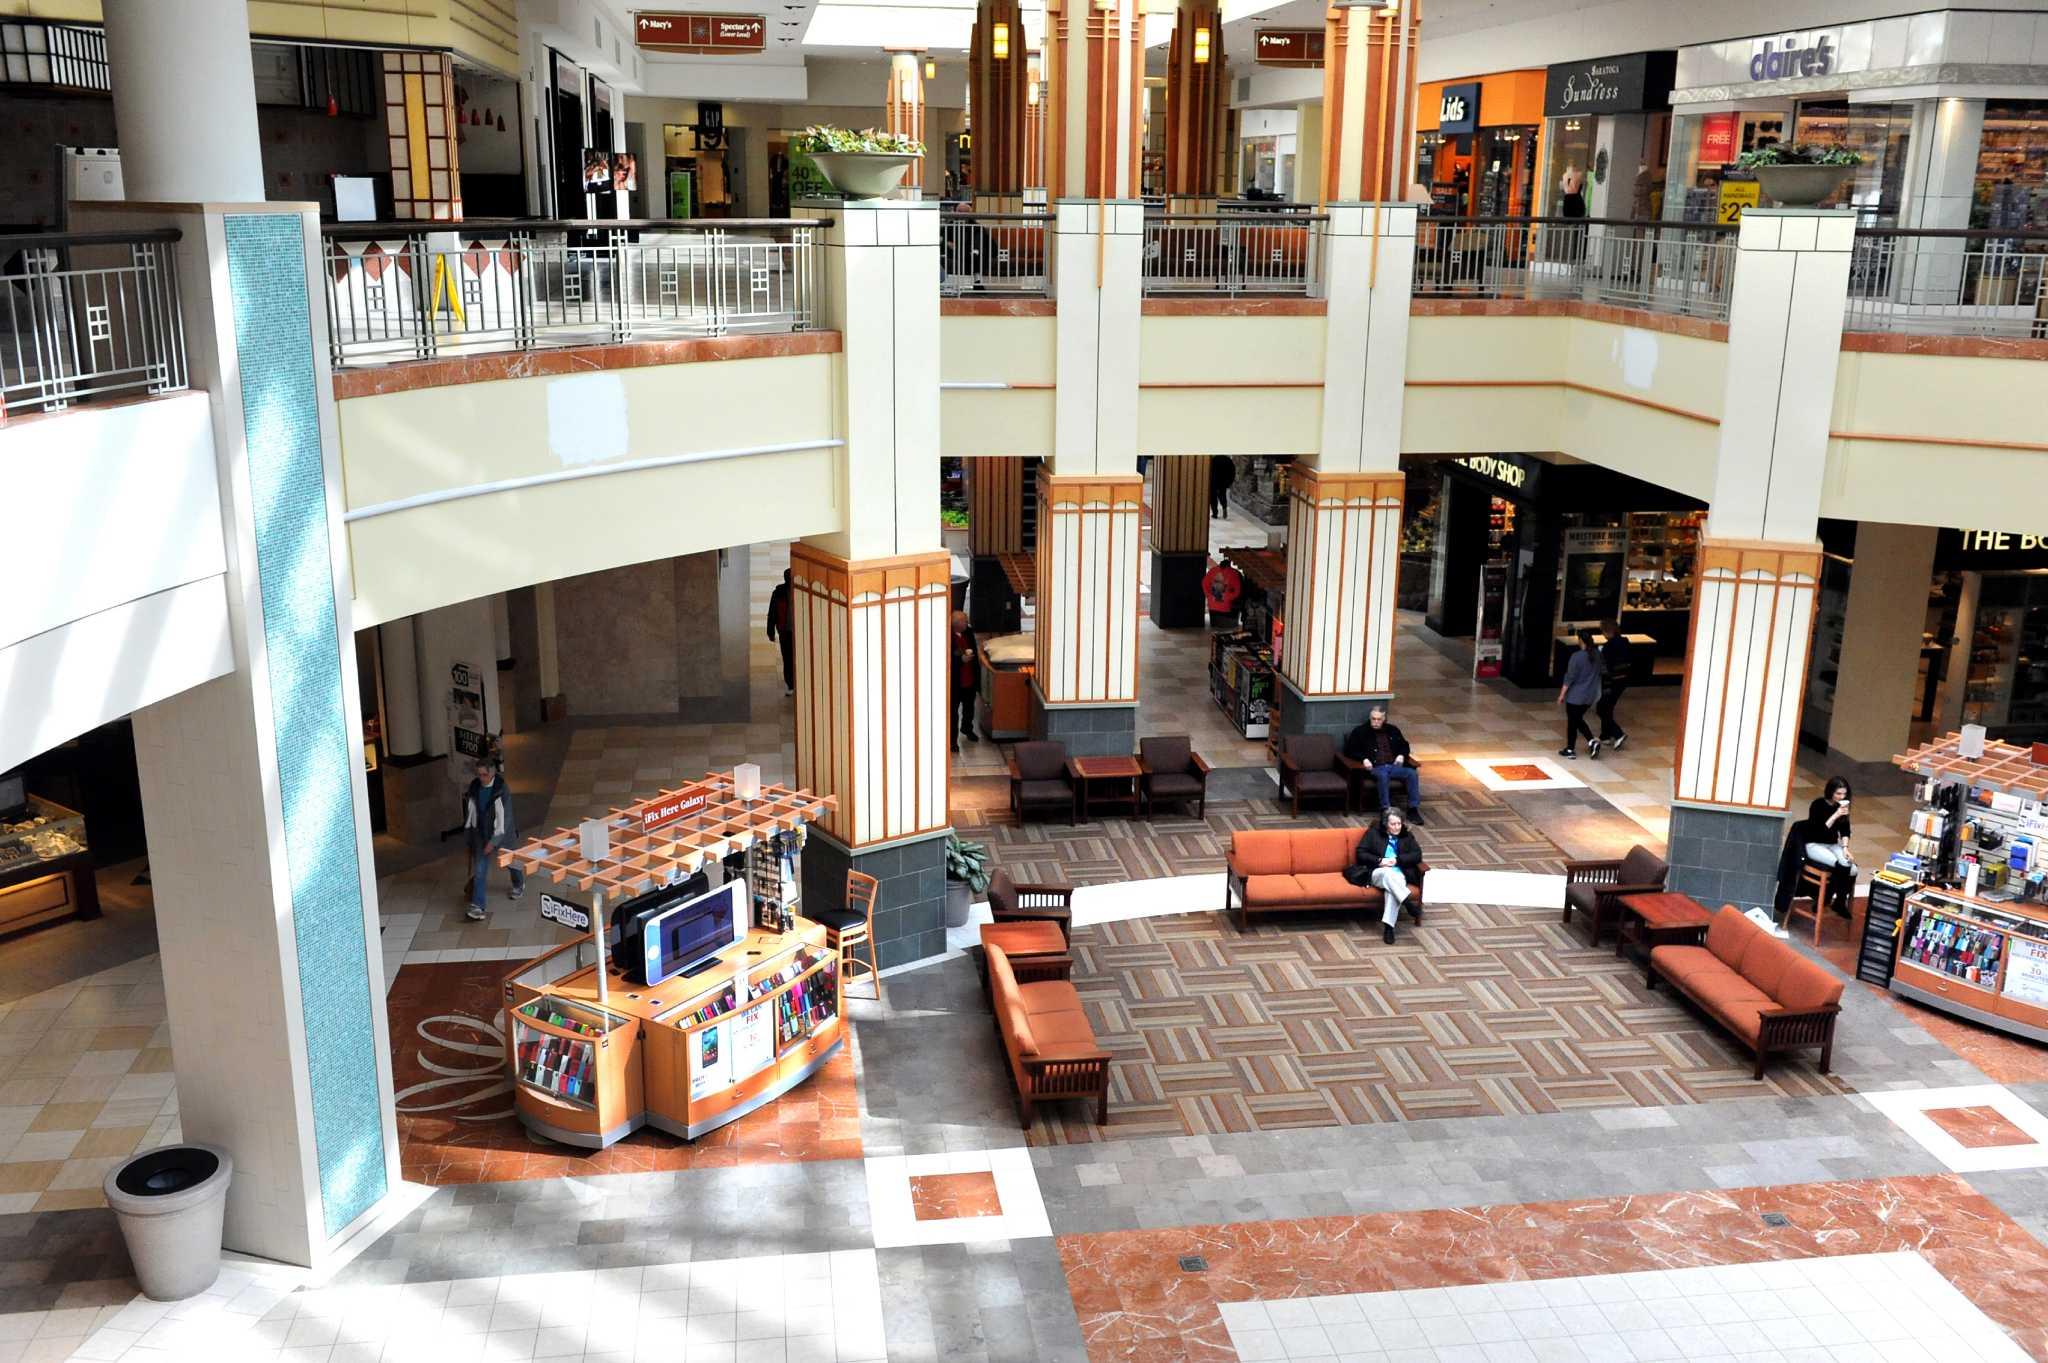 Colonie mall movie / Le voltaire paris restaurant menu